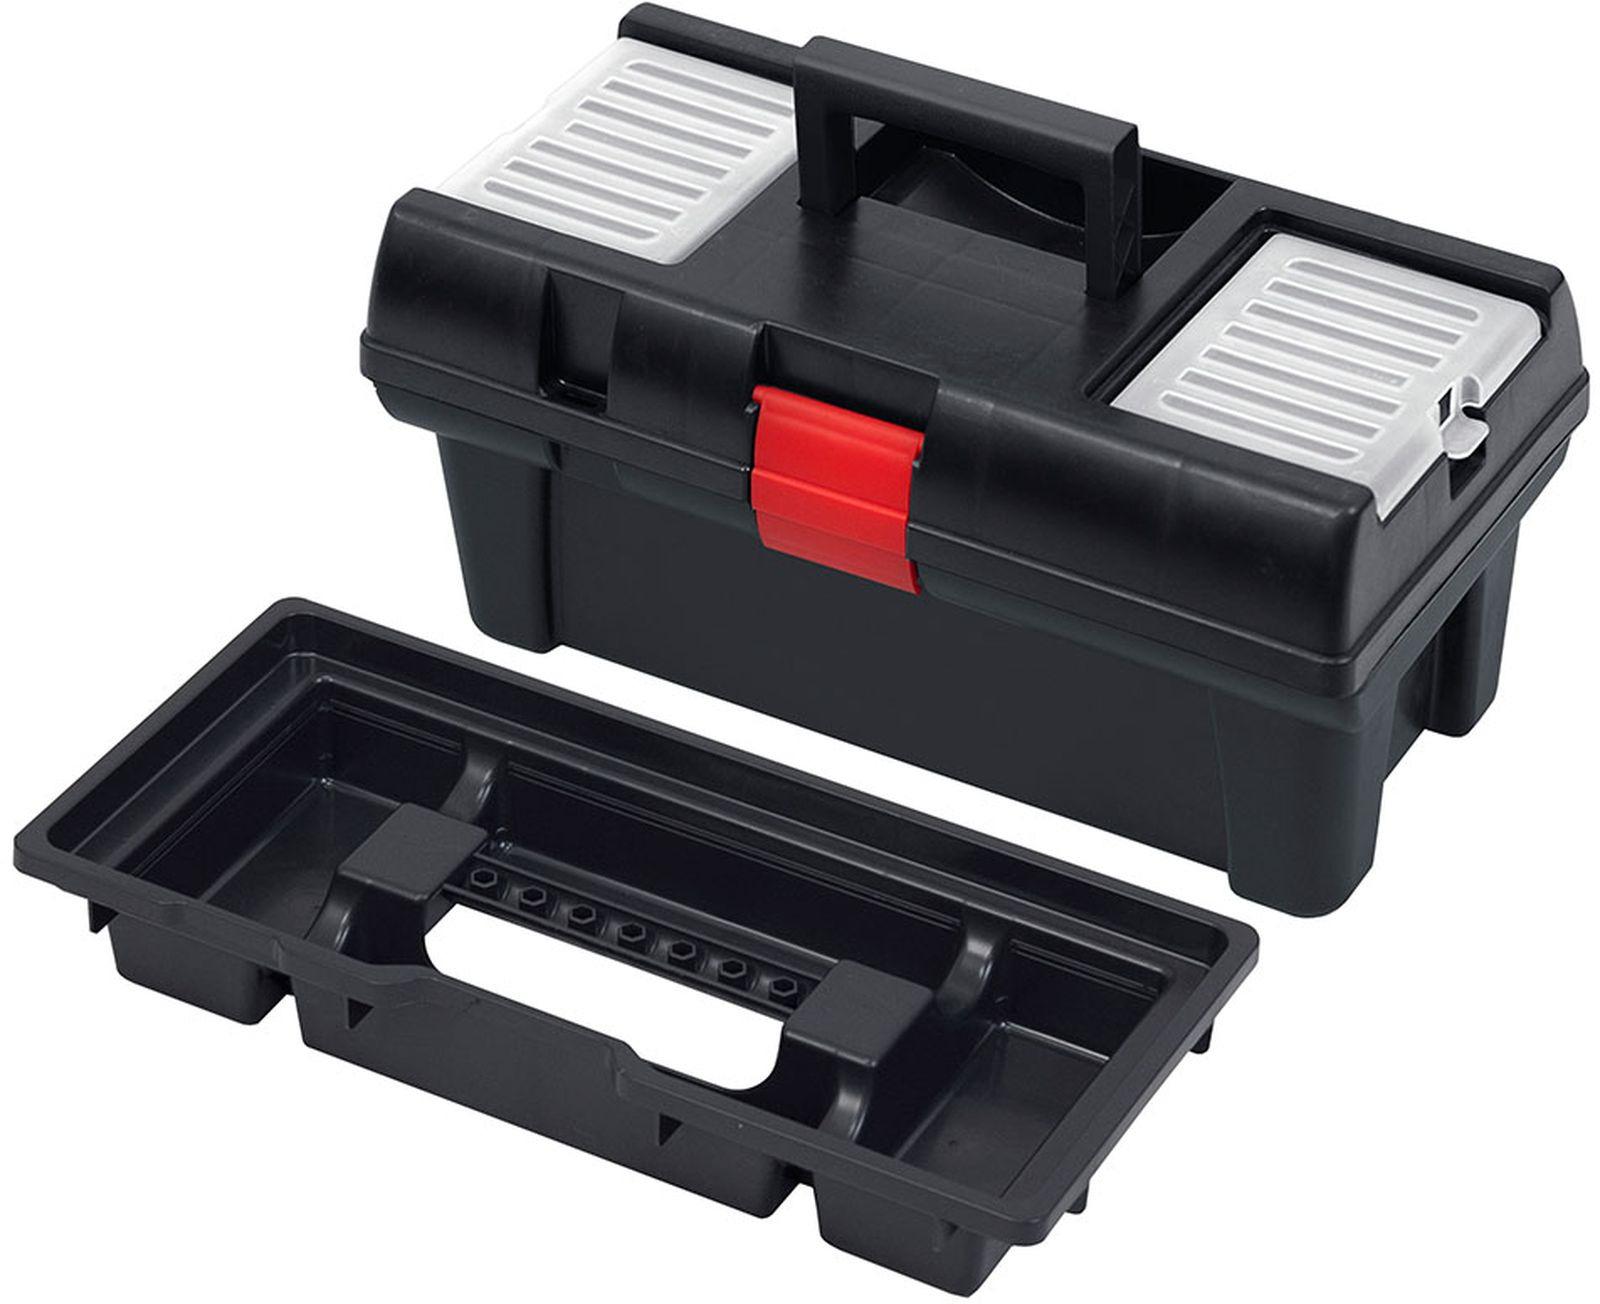 Ящик для инструментов Patrol Stuff, 146178, черный, 42 х 23 20 см